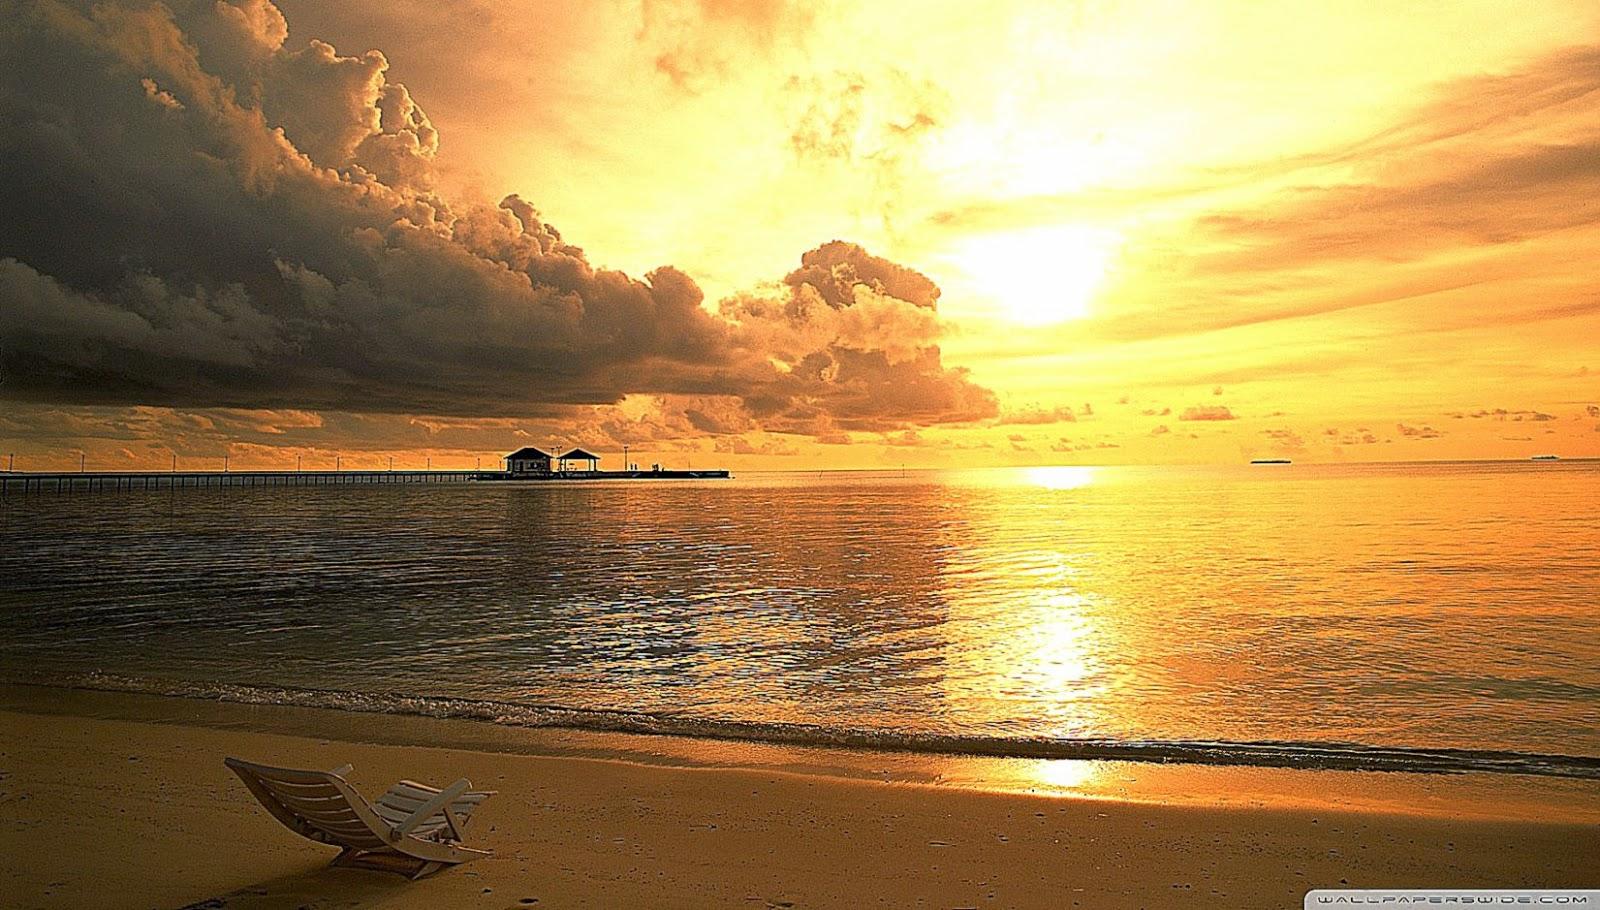 Golden Beach Hd Wallpaper